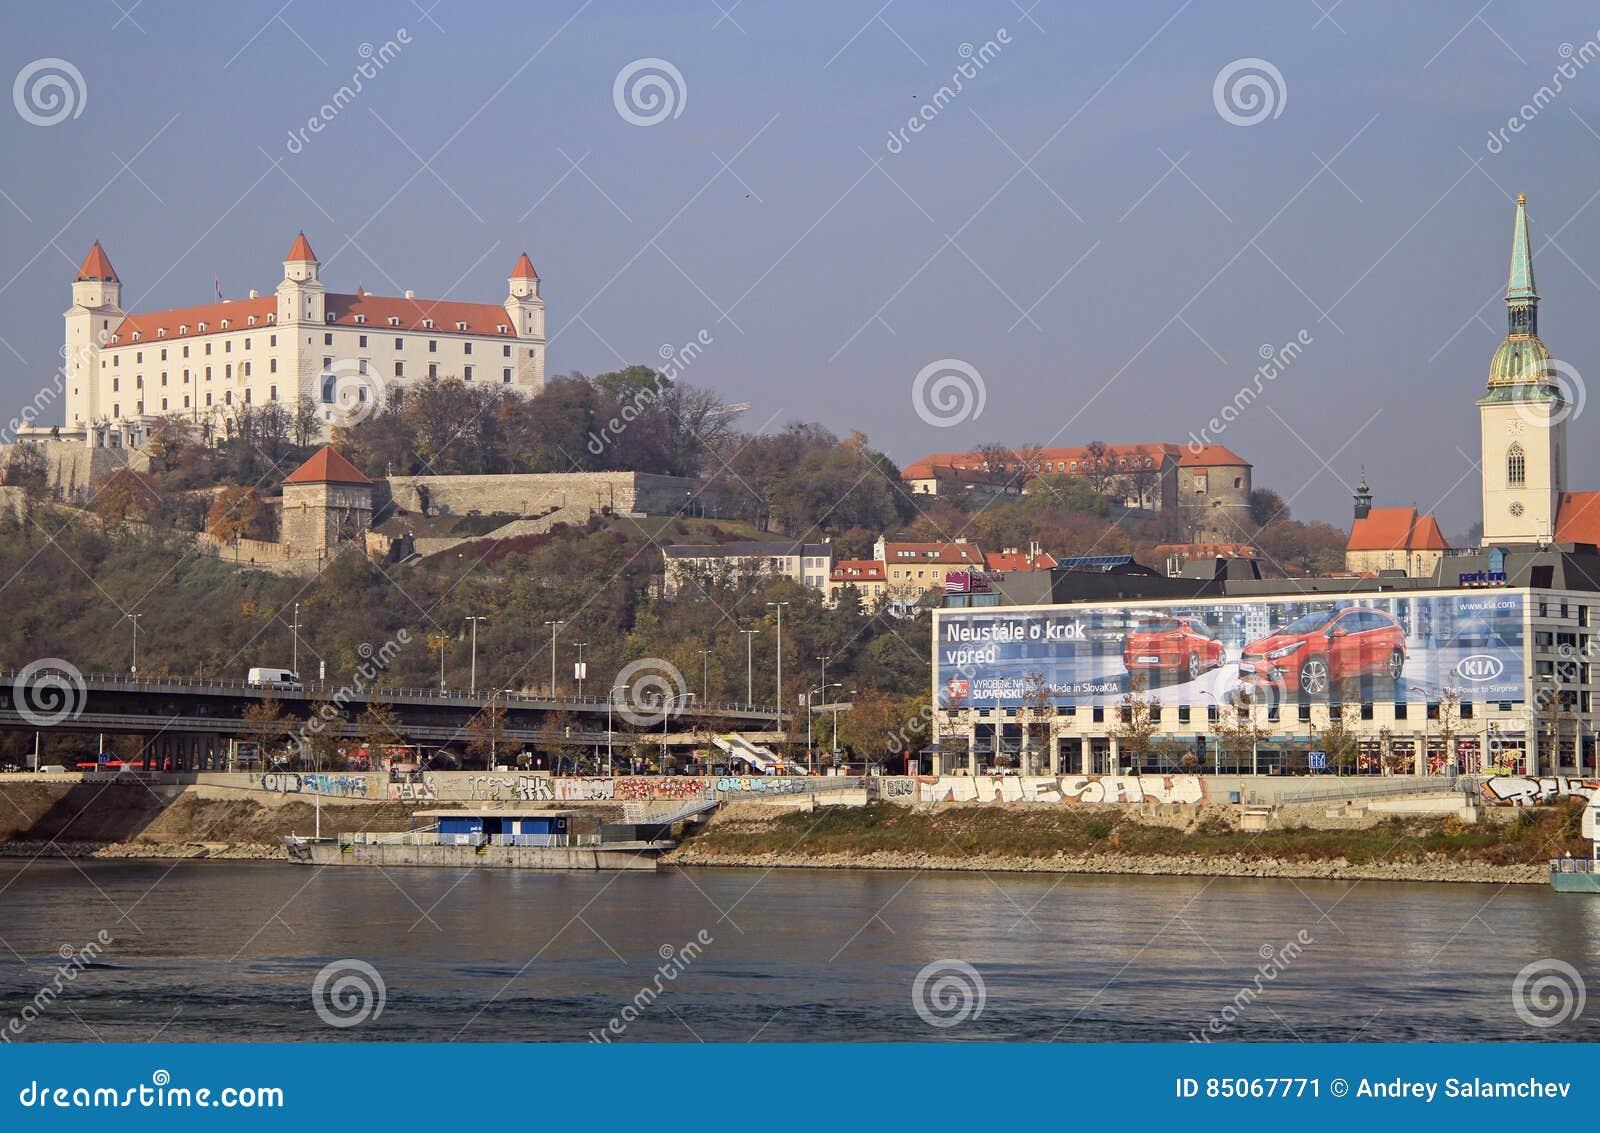 krok i Bratislava Persiska dejting i Los Angeles